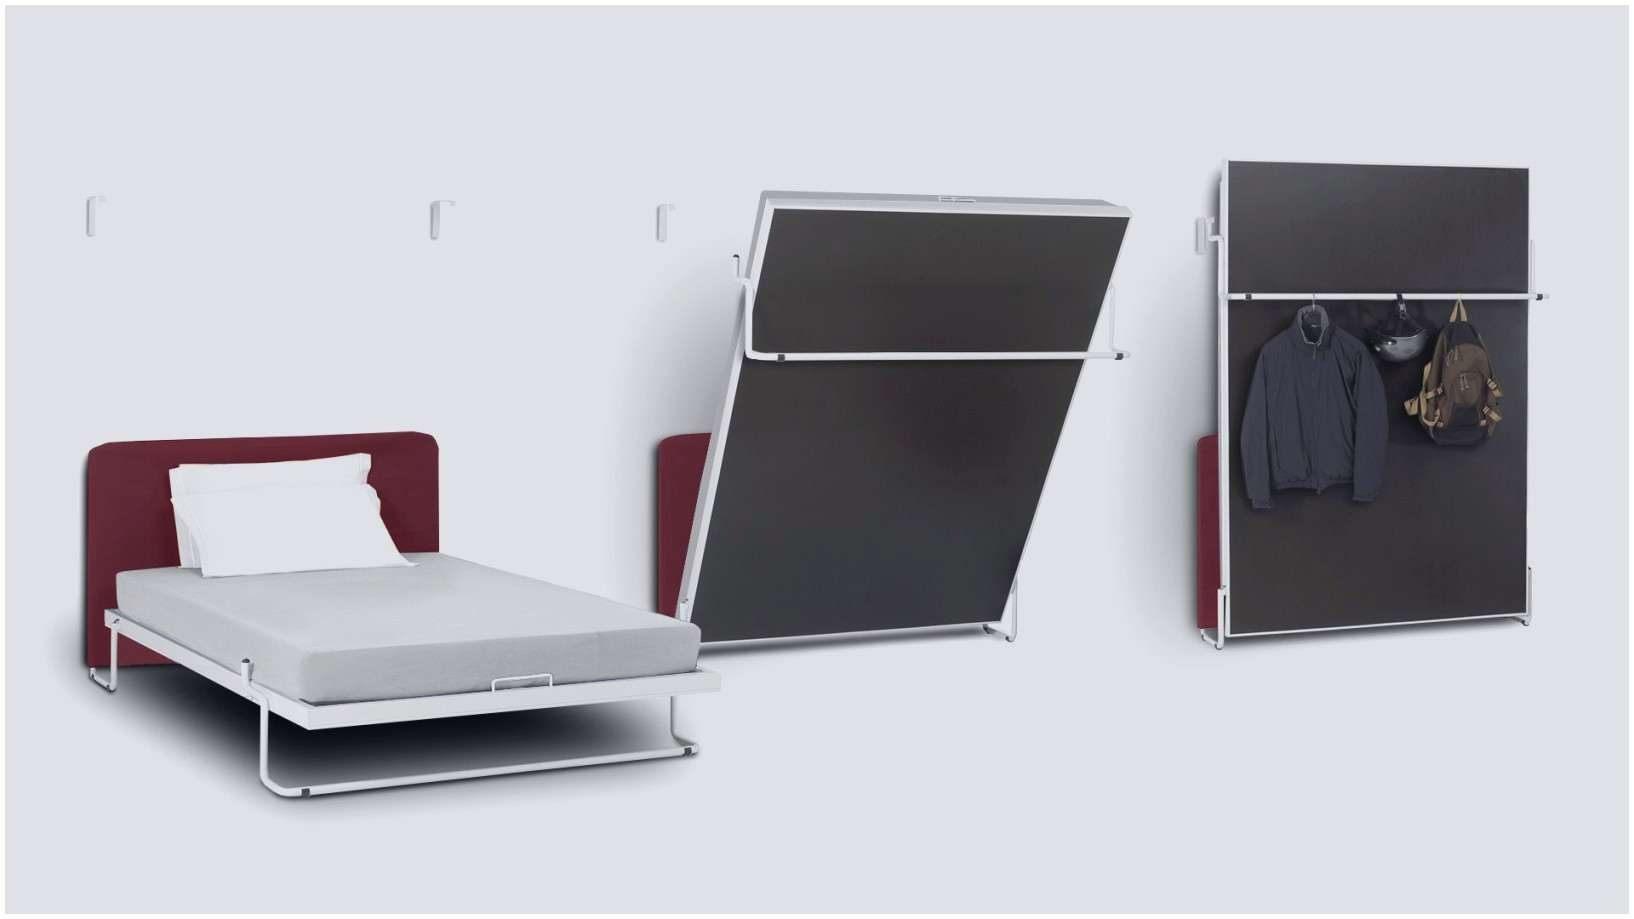 Ikea Lit Rangement De Luxe Beau 17 Génial Lit Double Mezzanine Ikea Adana Estepona Pour